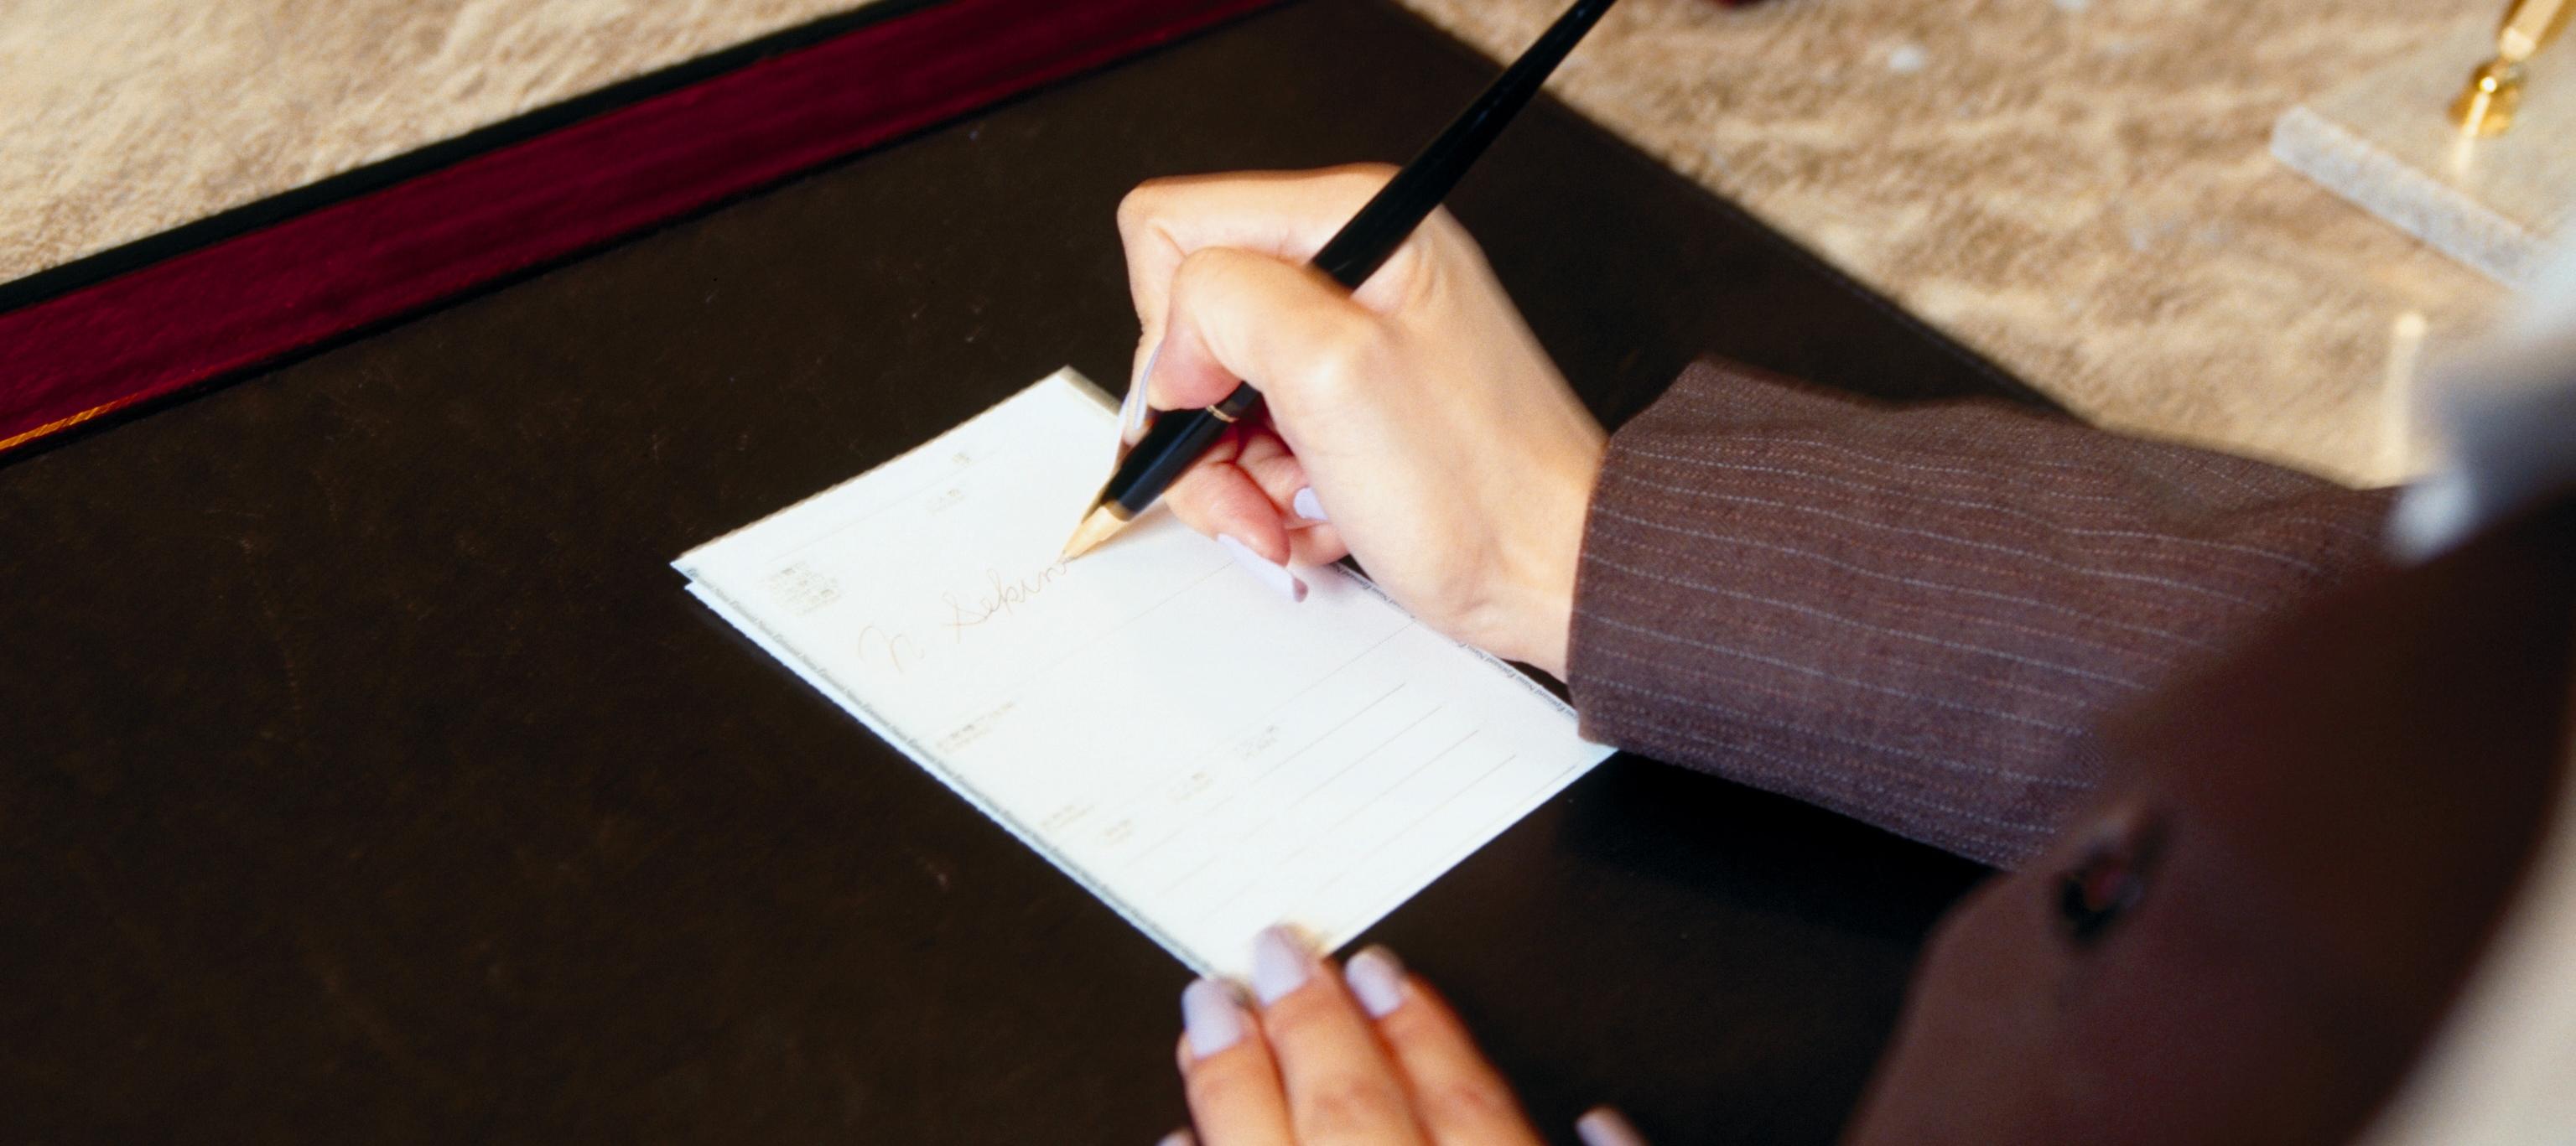 手書きの文章を書く